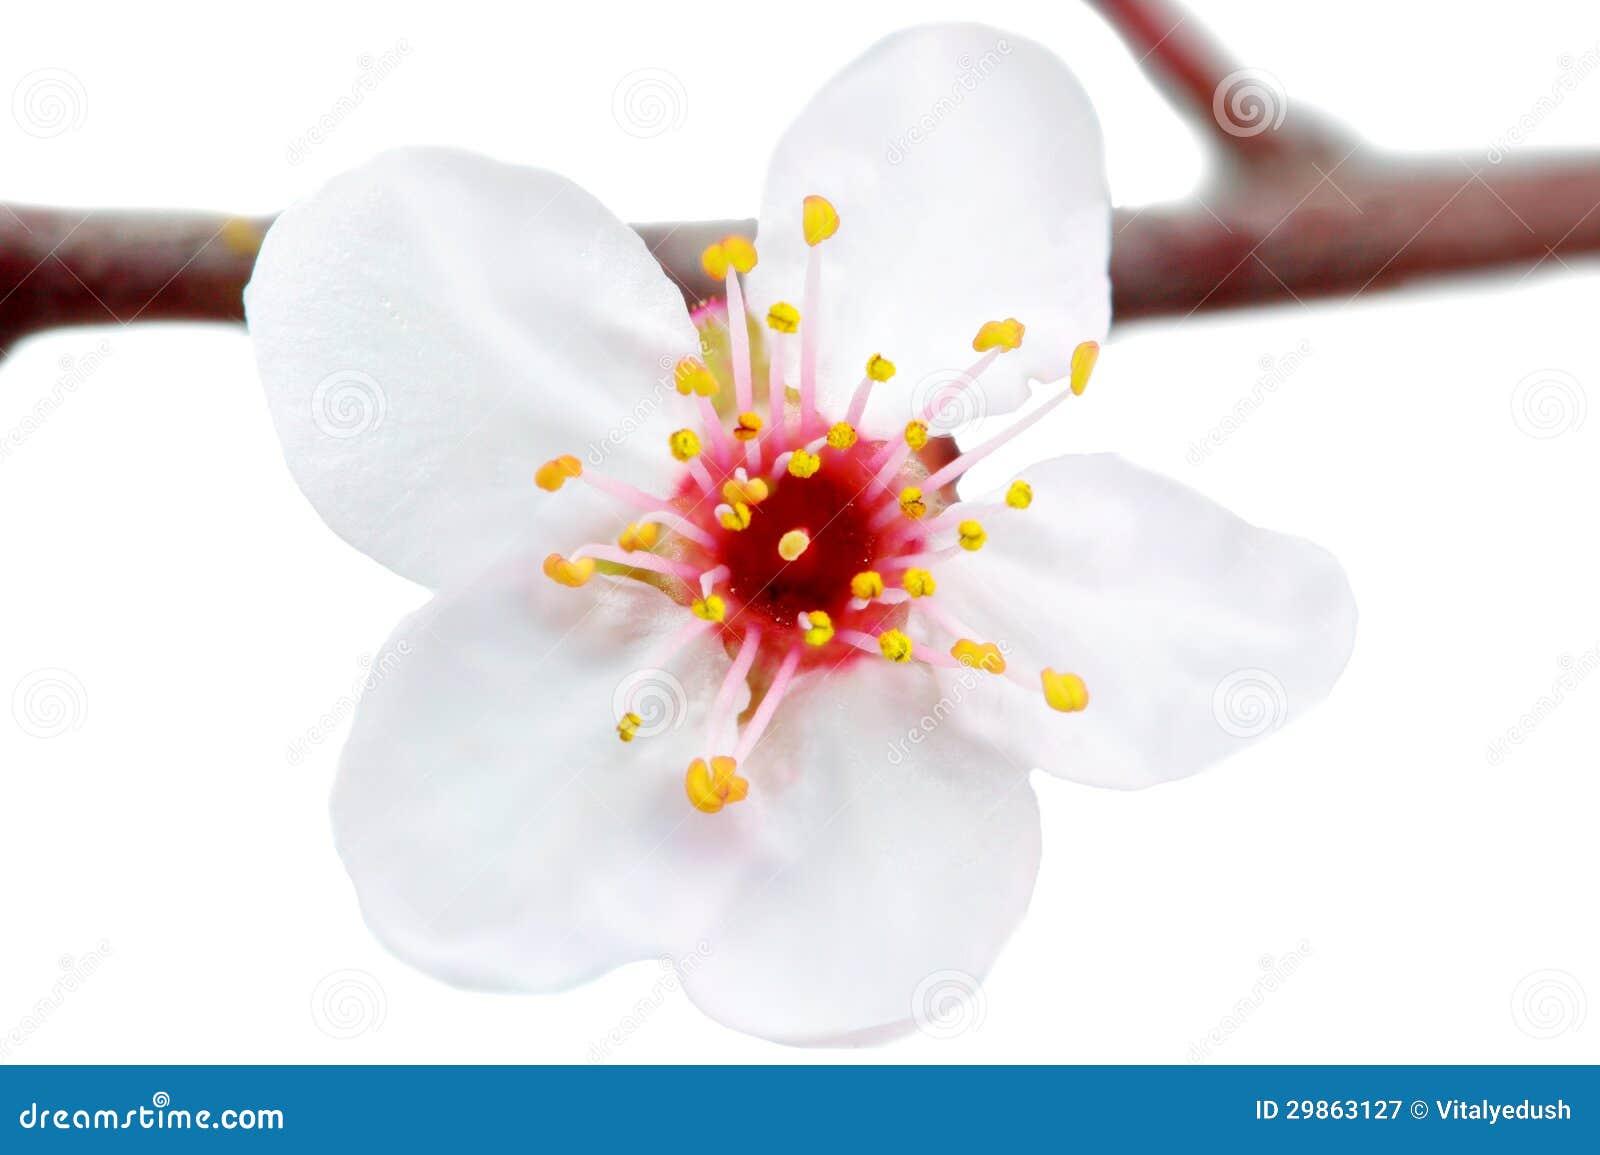 Förgrena sig med blomningar. Isolerat på vitbakgrund.